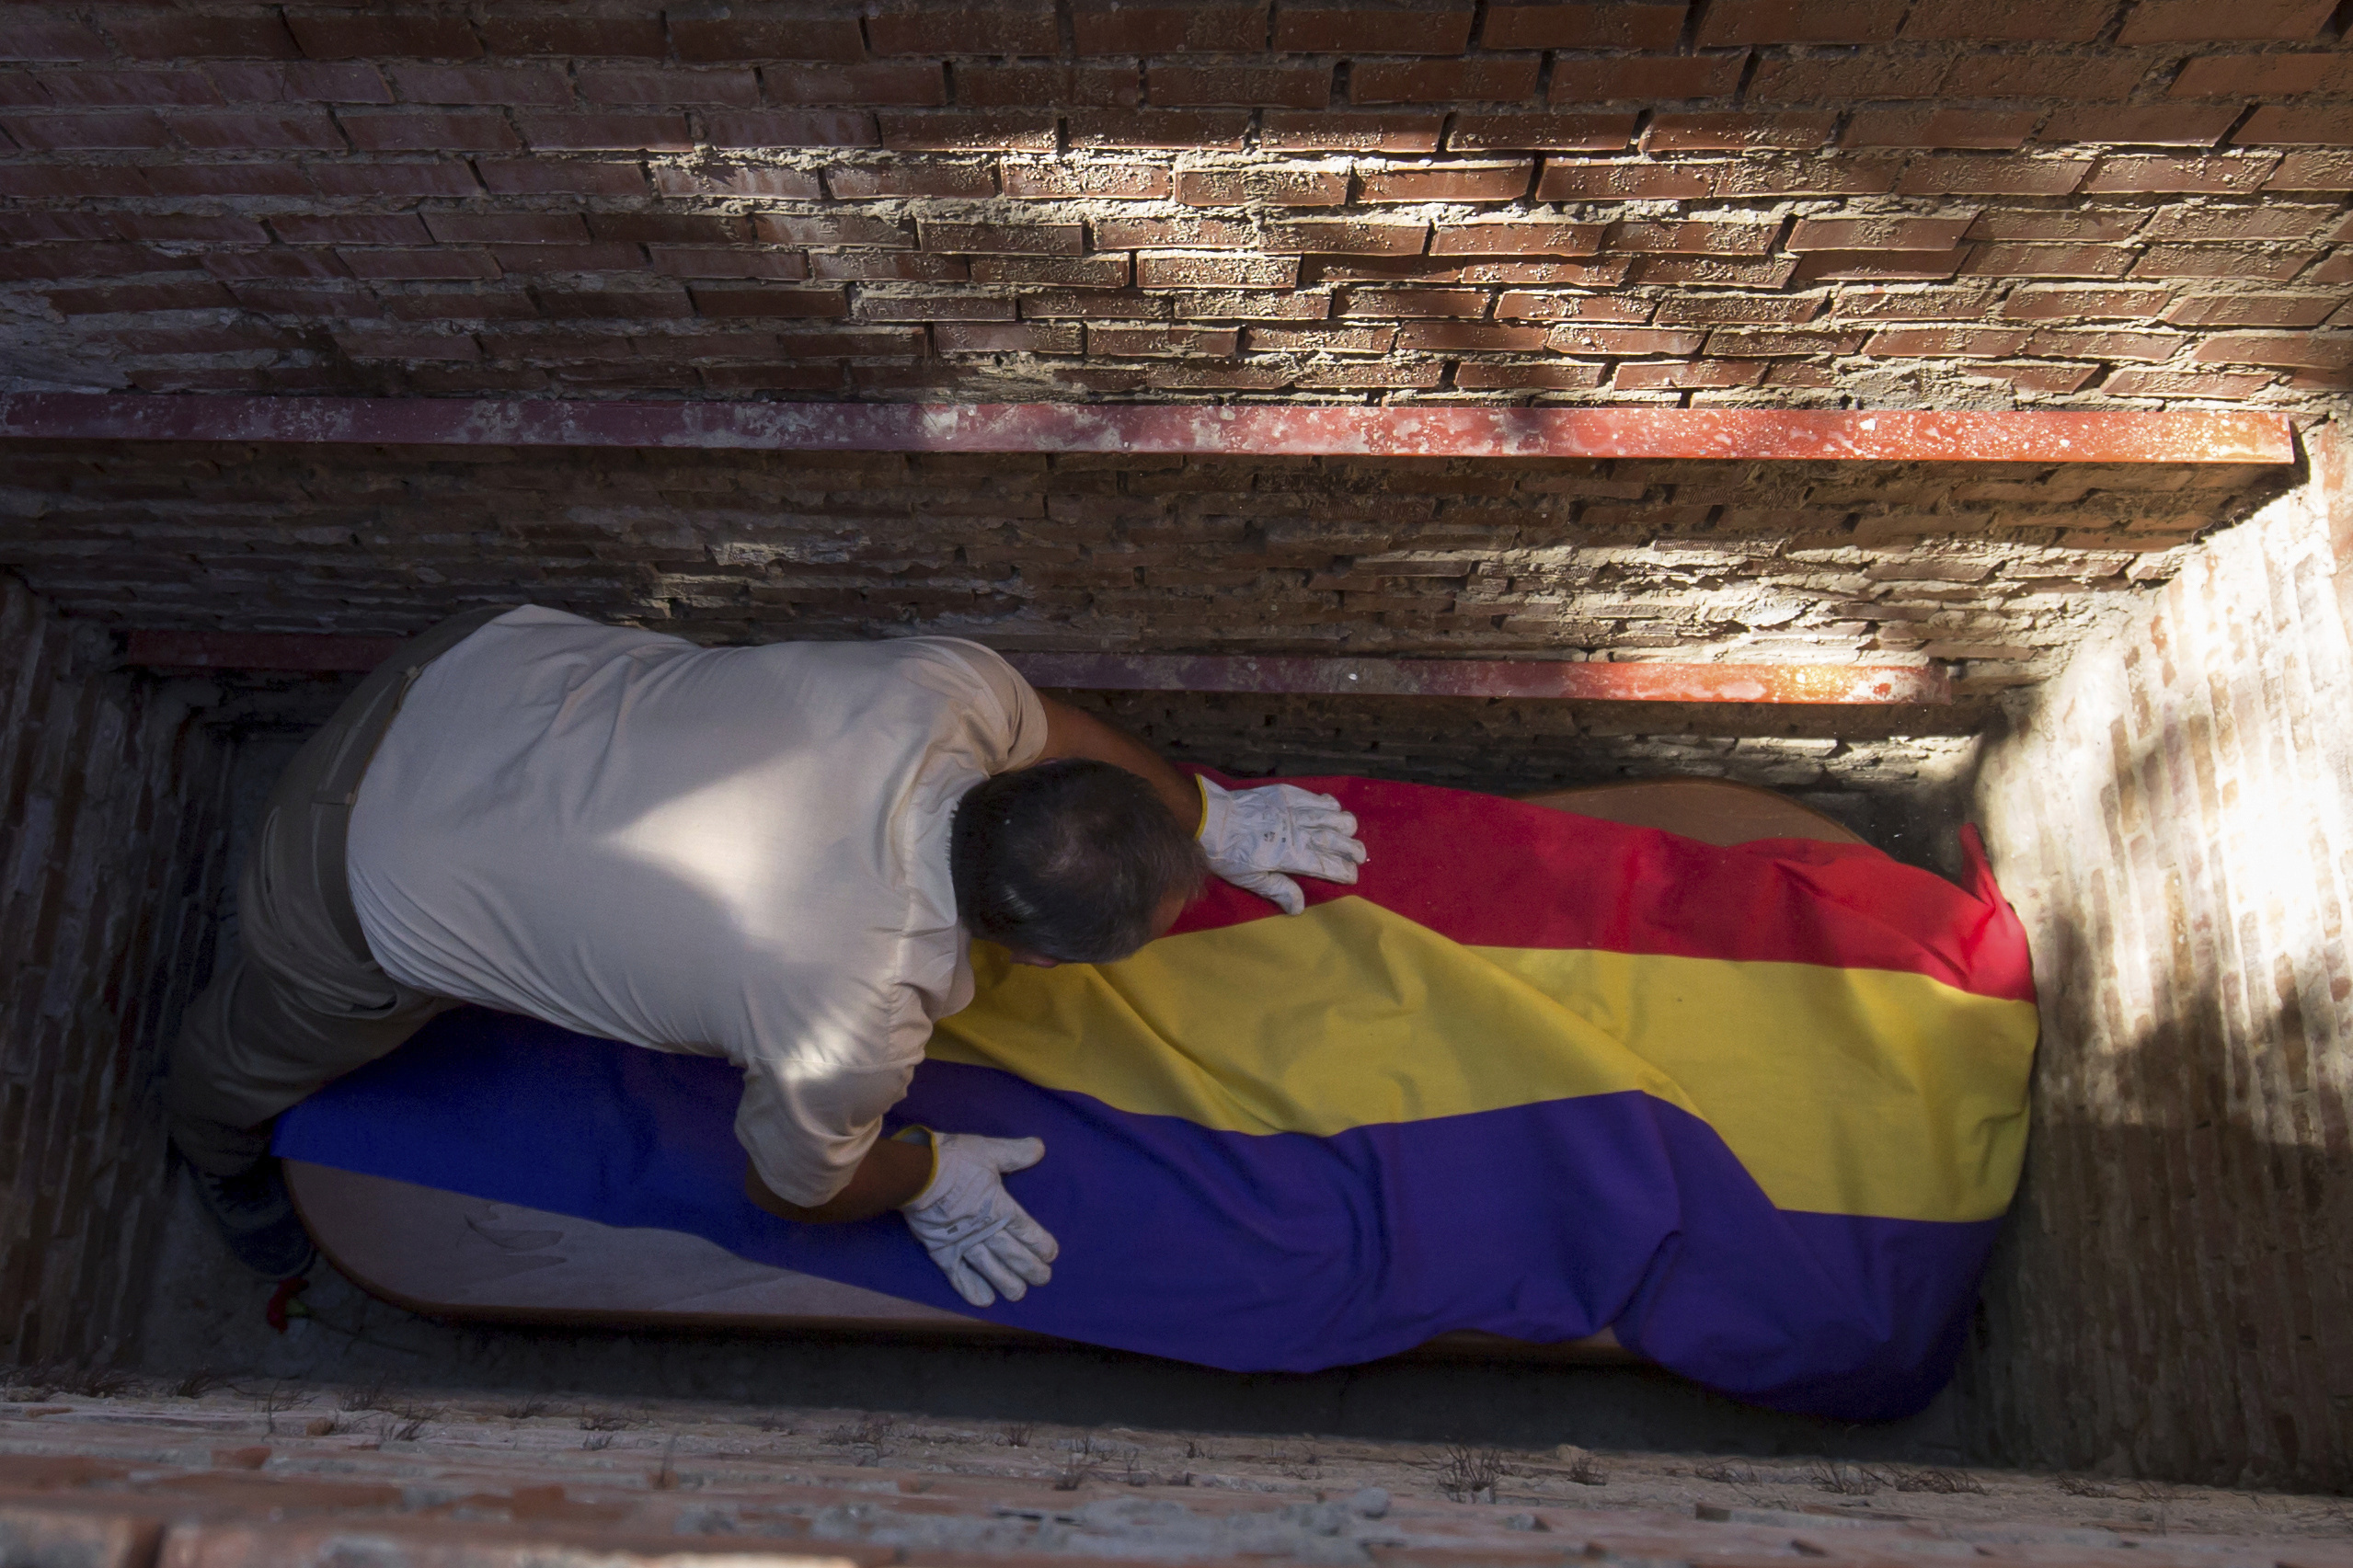 Un trabajador del cementerio de Guadalajara durante el entierro de Timoteo Mendieta, tras su exhumación.